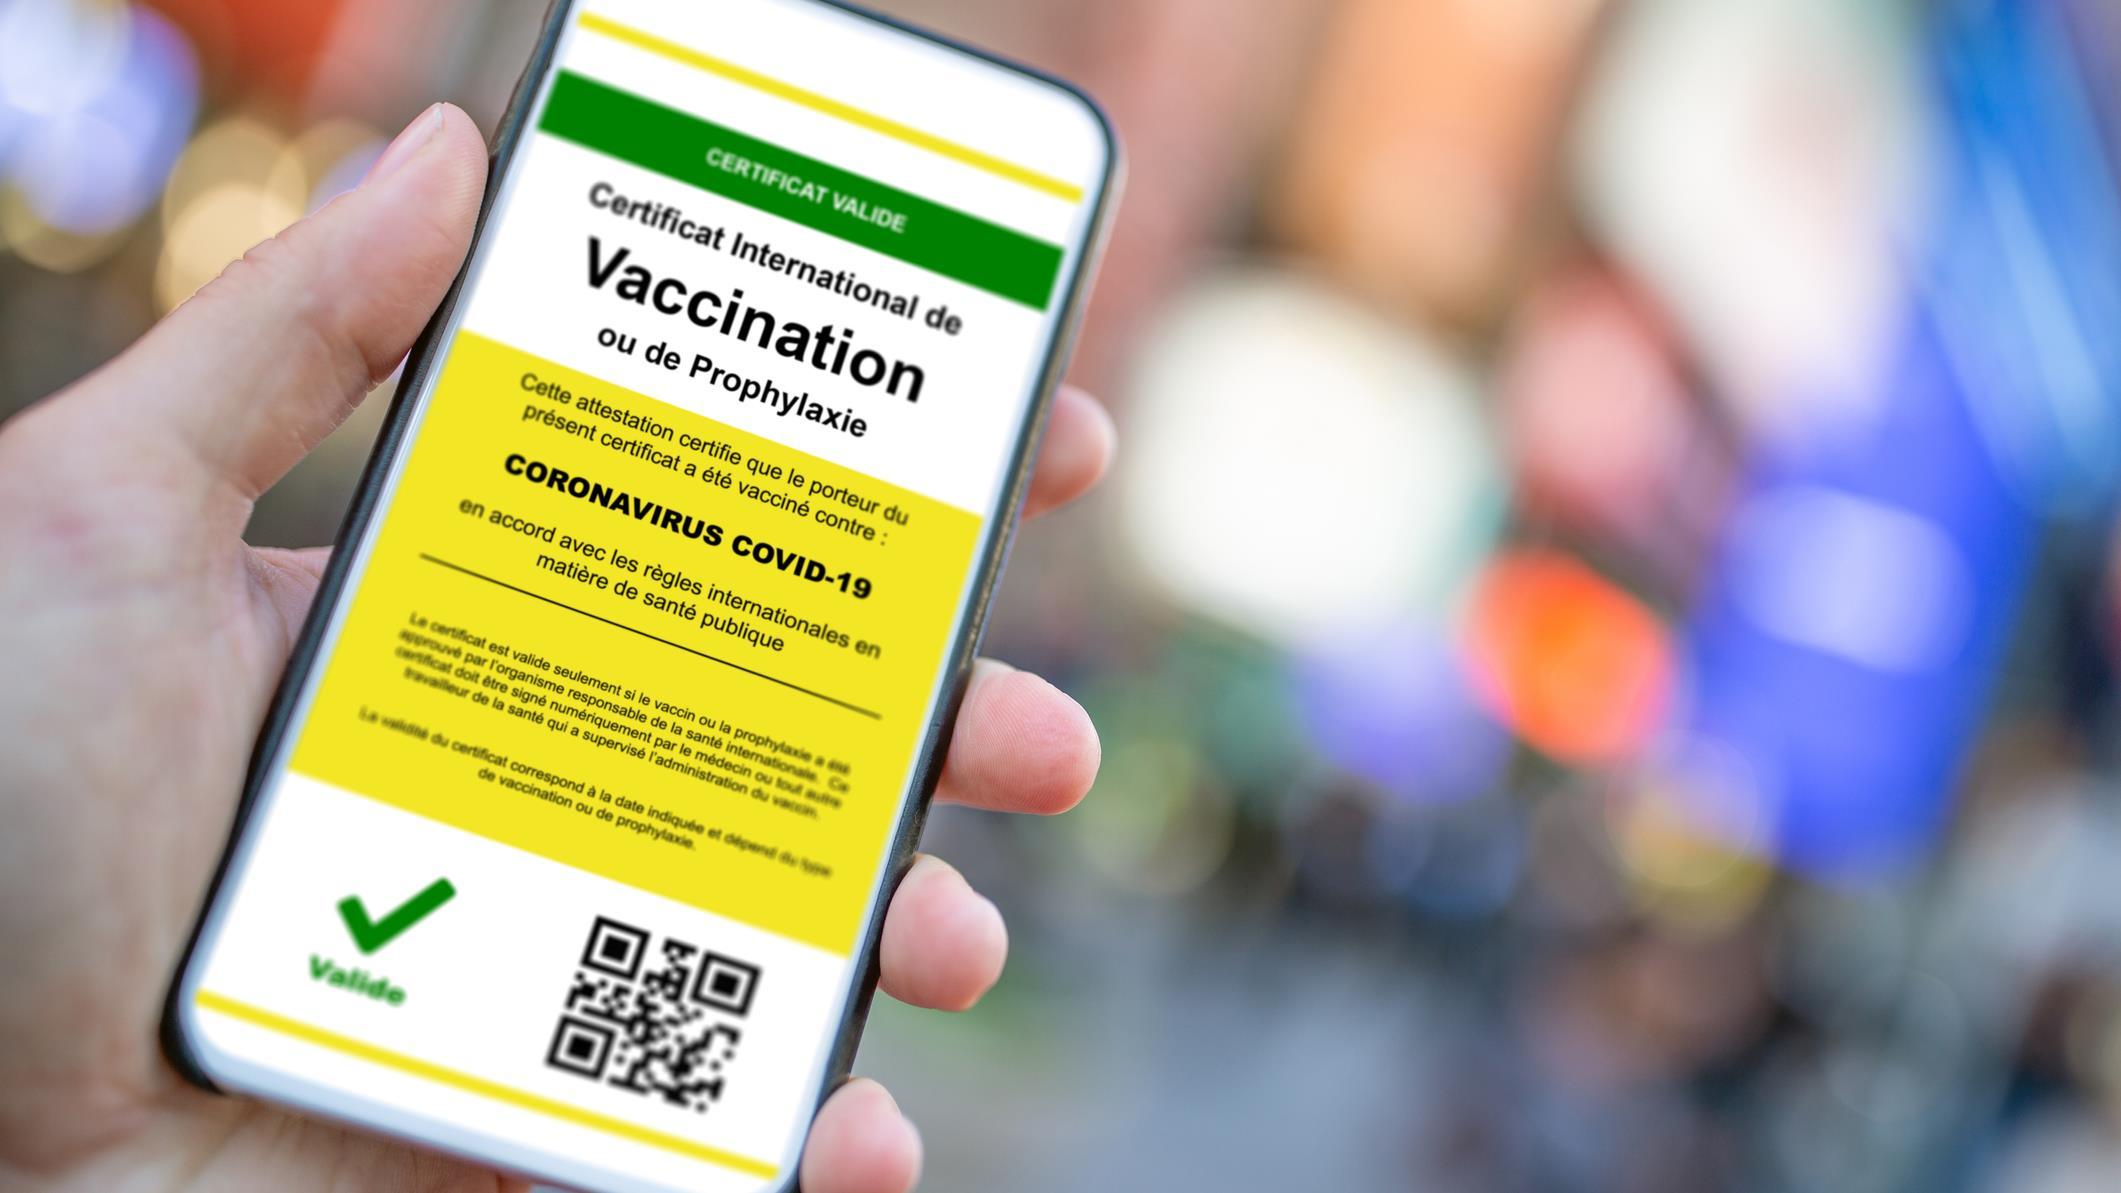 Una persona sostiene un teléfono inteligente que muestra una aplicación que certifica que el dueño de ese teléfono ha sido vacunado contra el Covid-19.